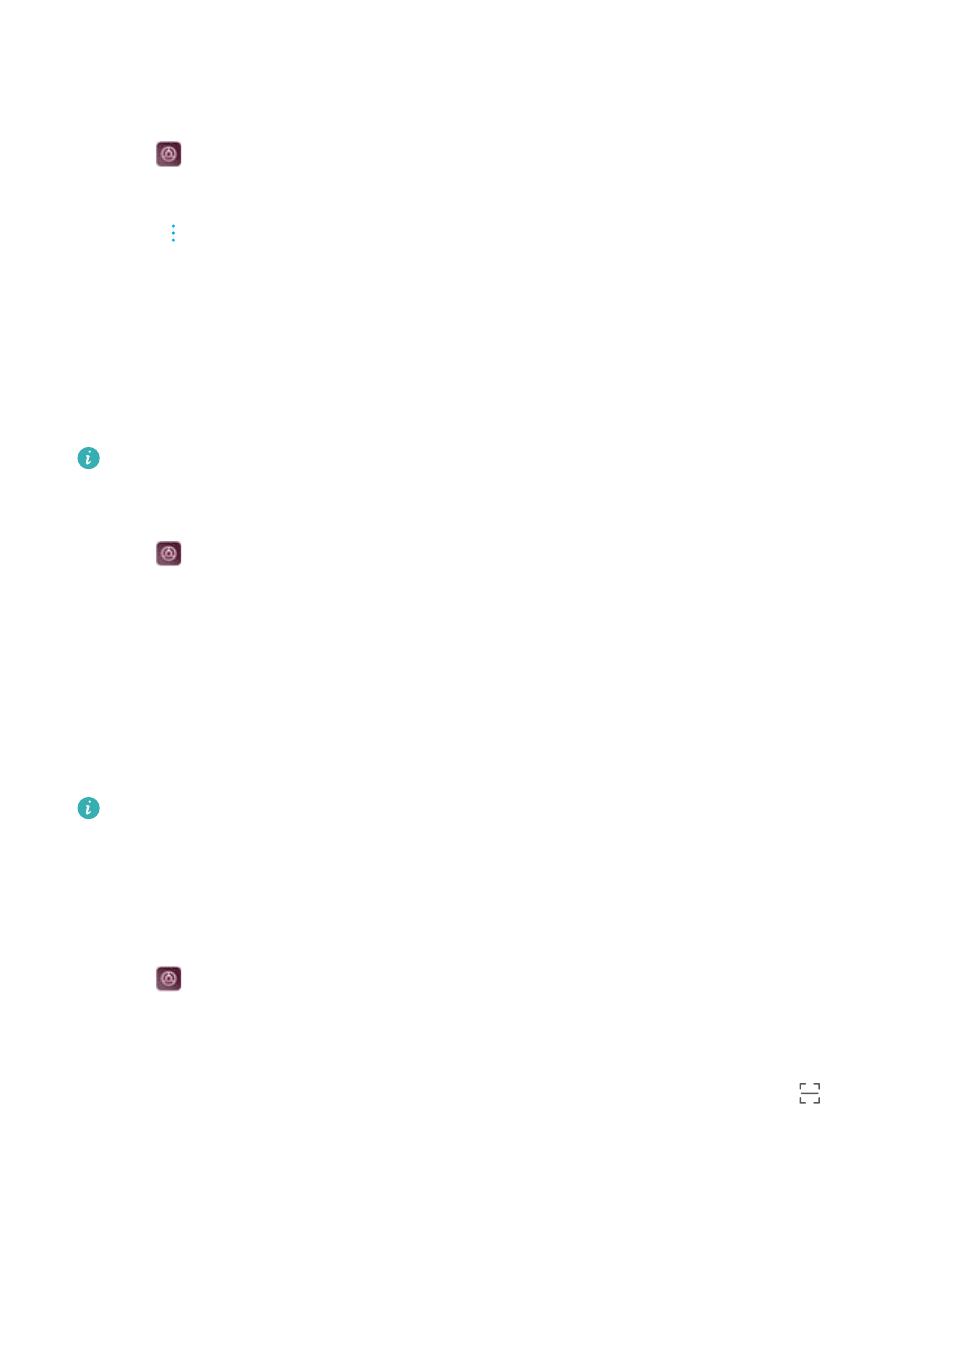 QR SCANNER HUAWEI - Les meilleures applications code QR sur